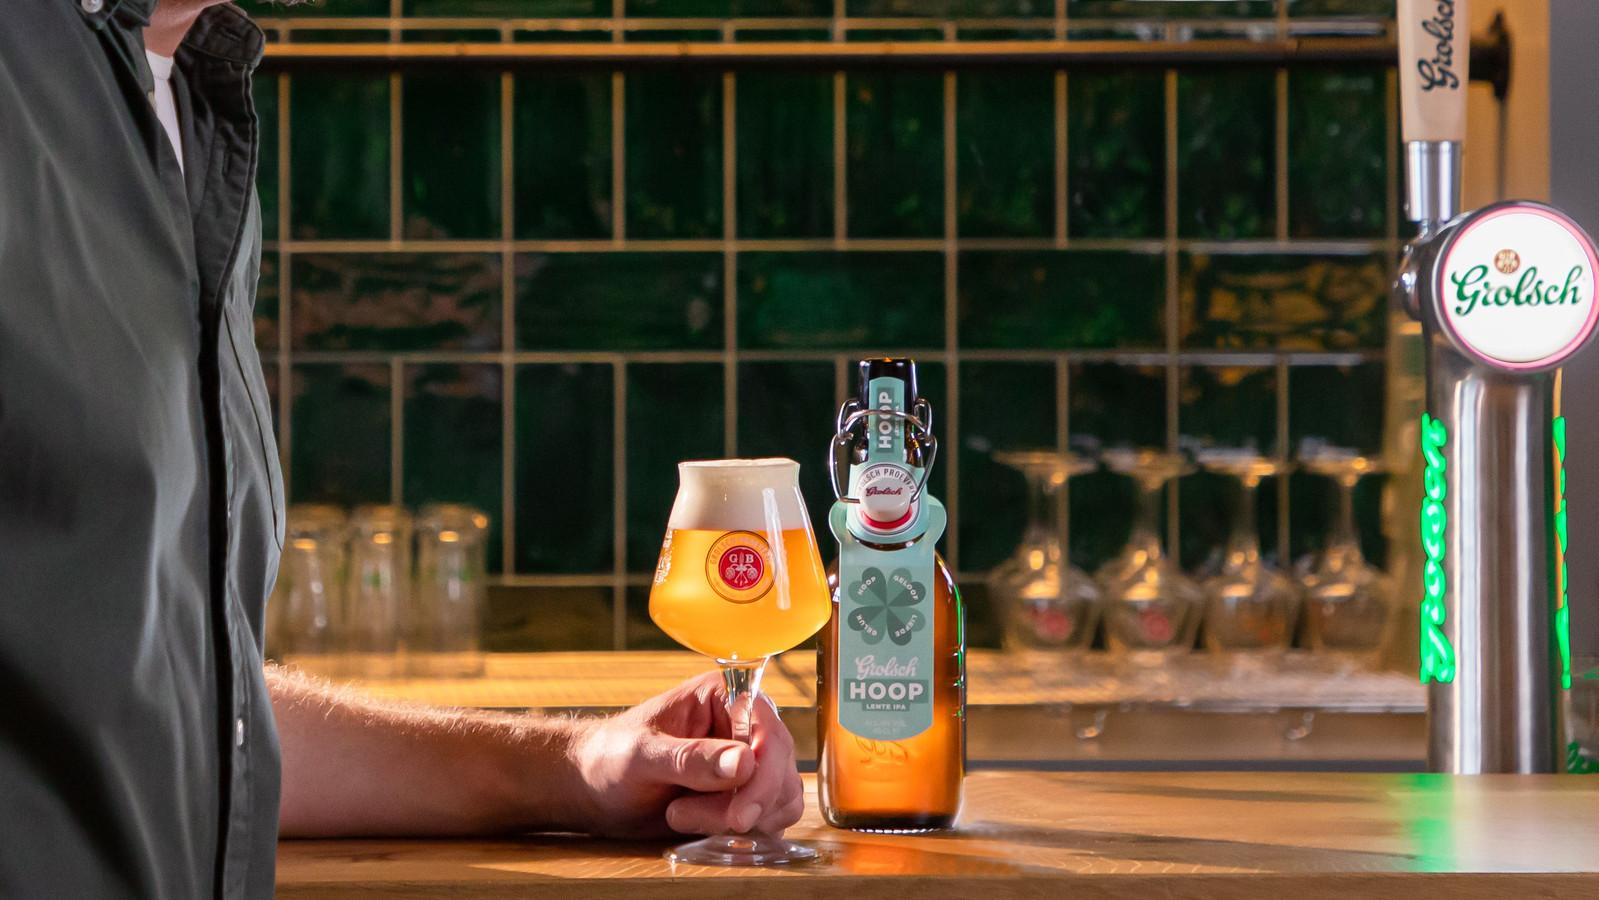 De lente IPA Hoop van Grolsch krijgt een vervolg: een biertje met een beperkte oplage in samenwerking met brouwerij Hoop.